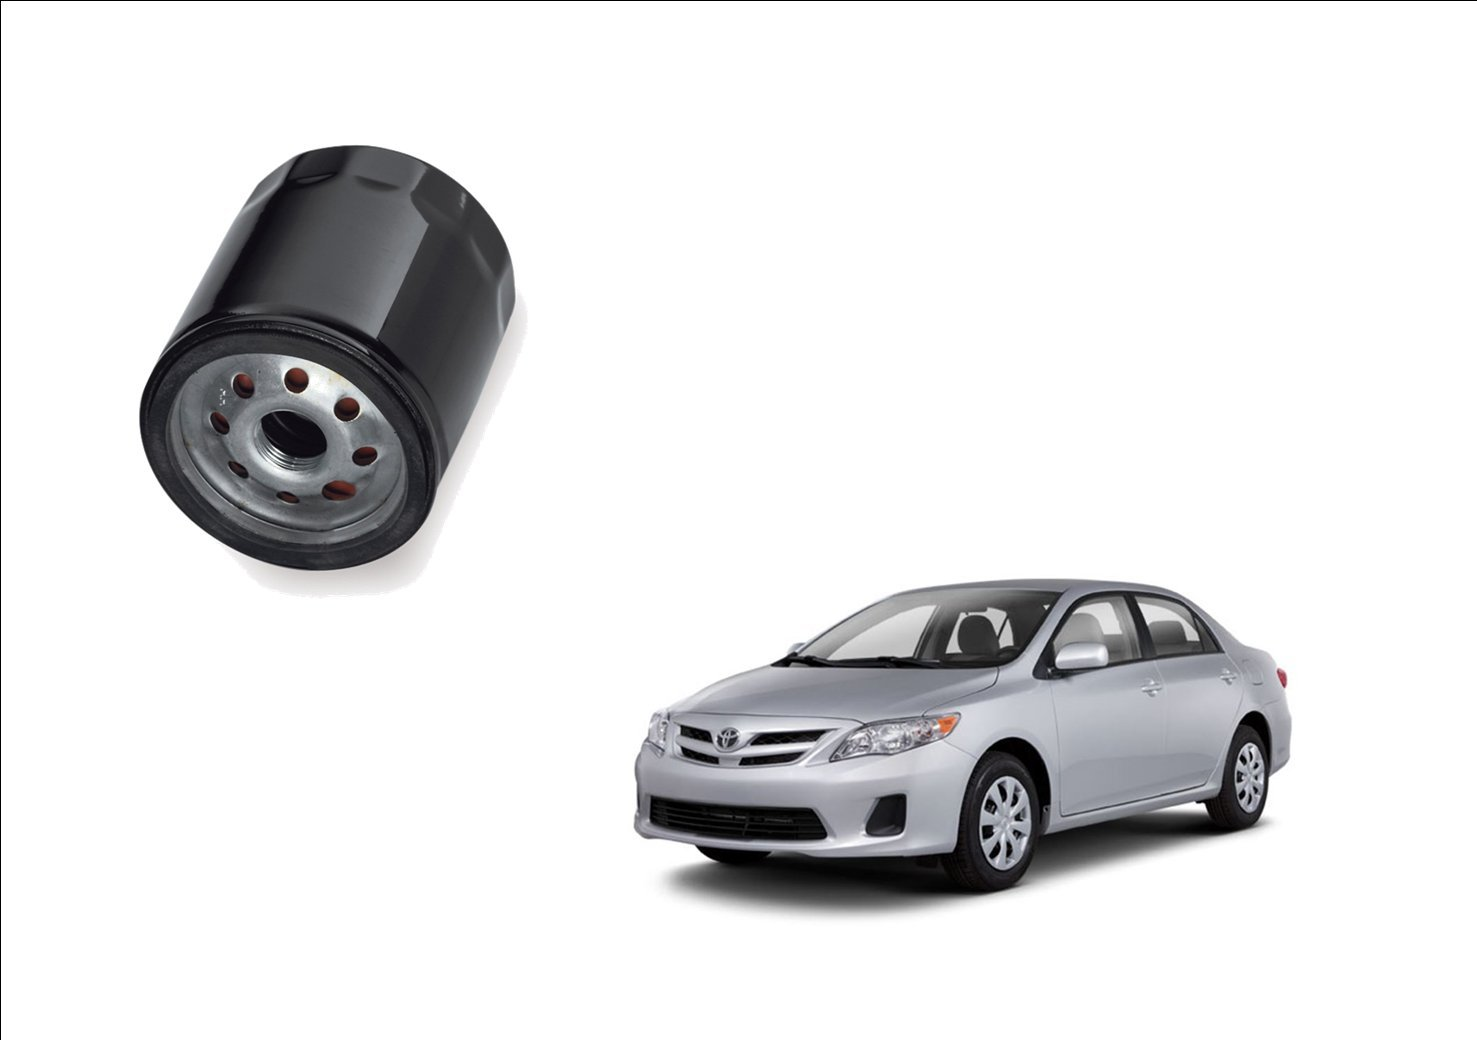 Kekurangan Toyota Altis 2013 Tangguh